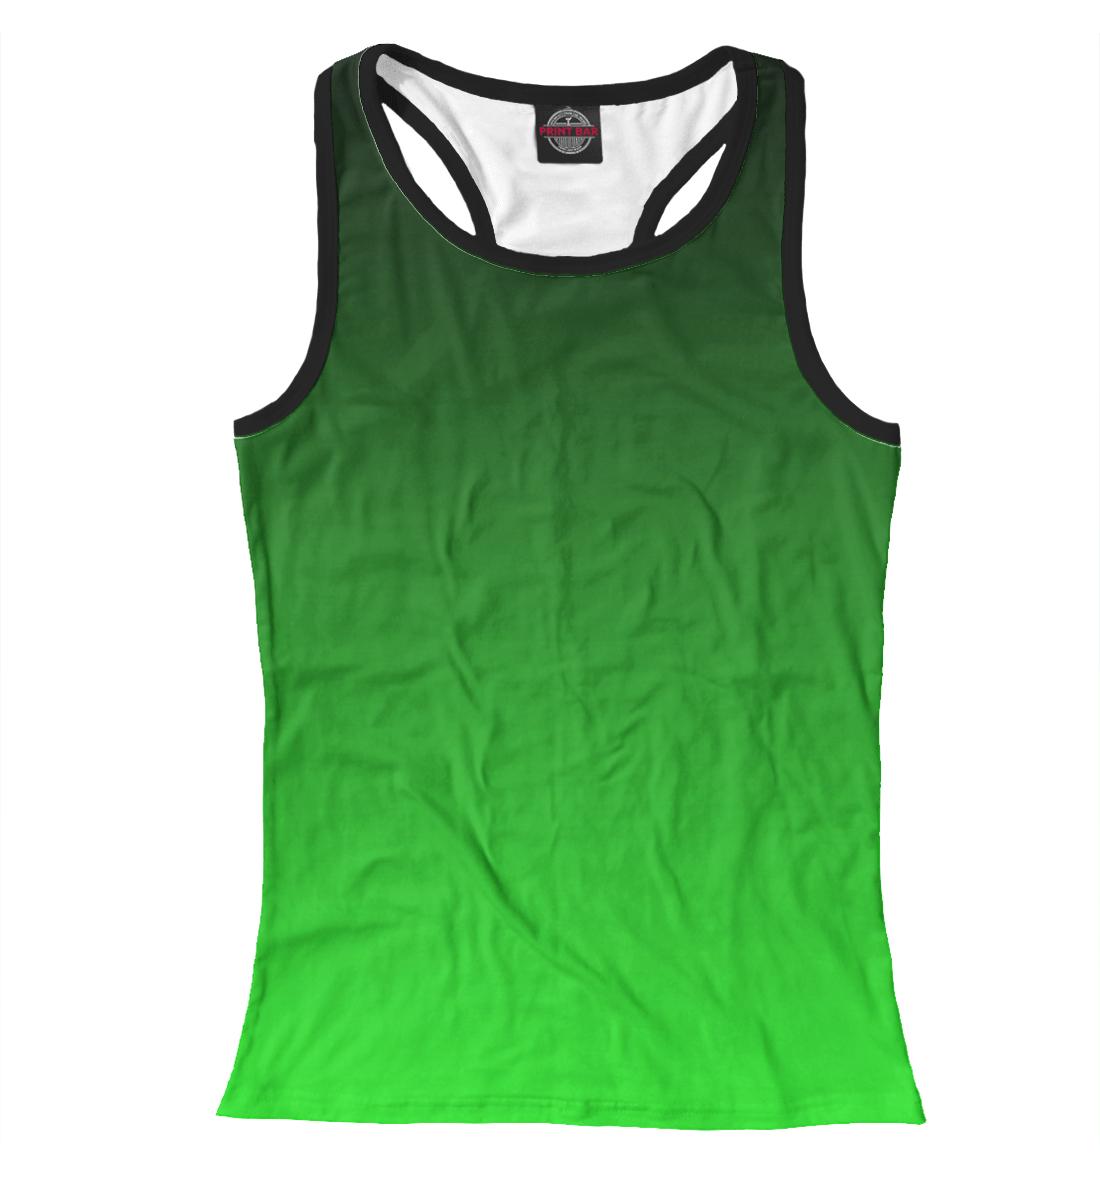 Купить Градиент Зеленый в Черный, Printbar, Майки борцовки, CLR-327769-mayb-1